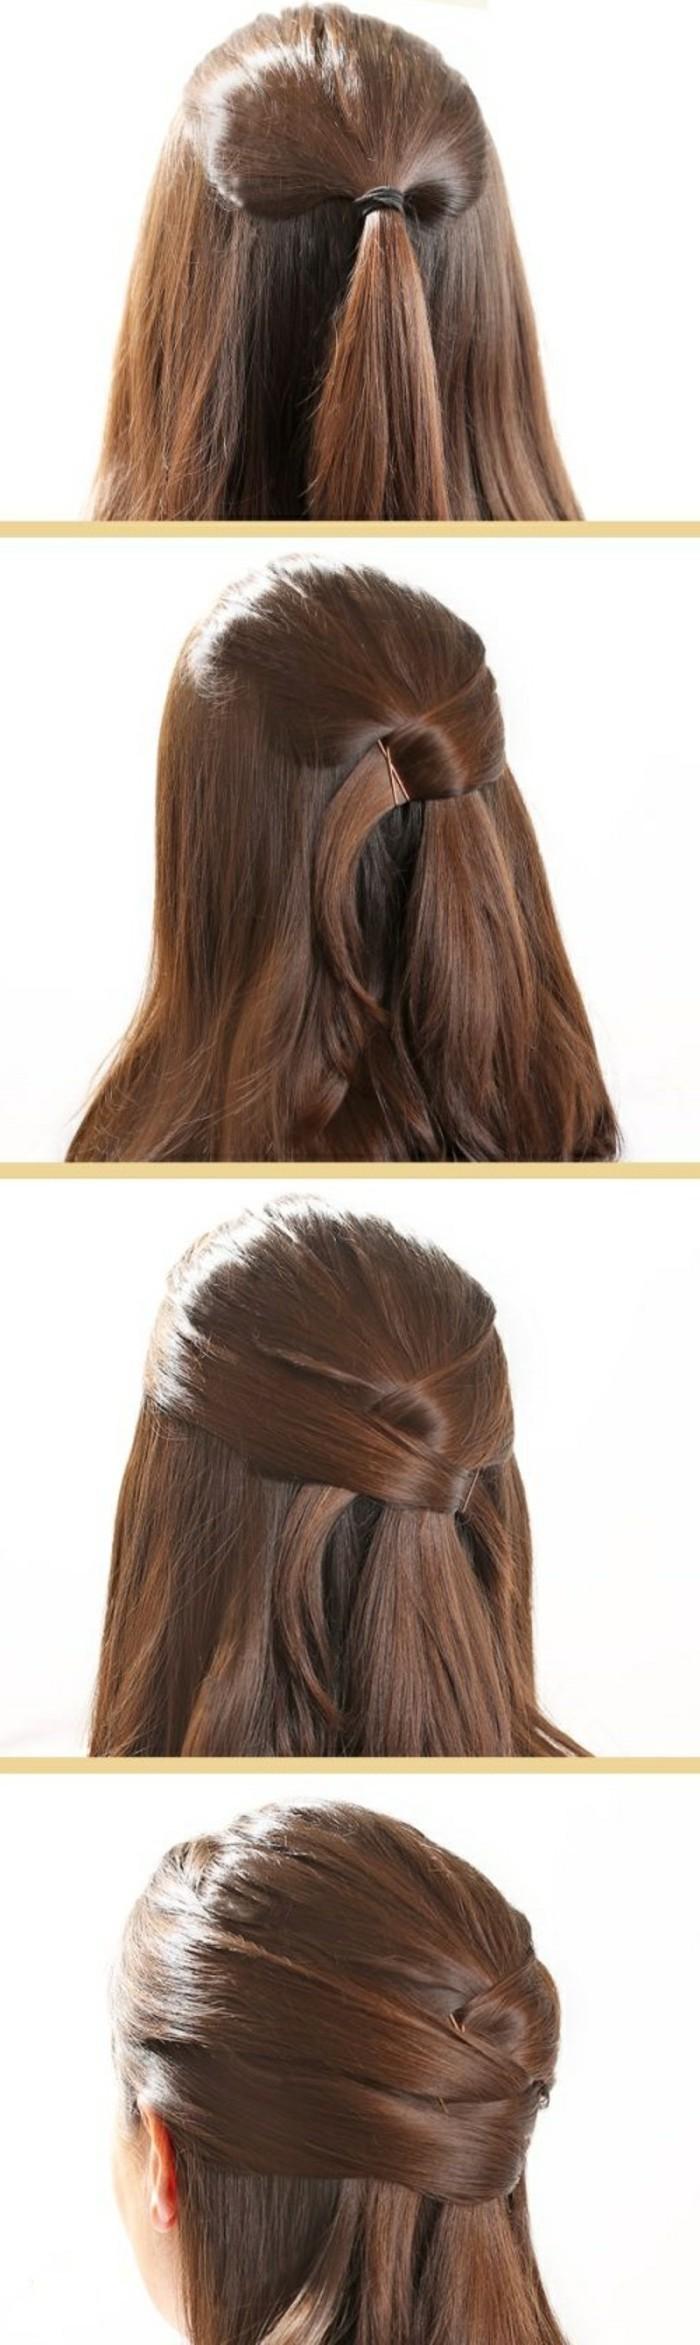 demi queue de cheval avec des mèches croisés en arrière de la crâne, coiffure facile a faire soi meme